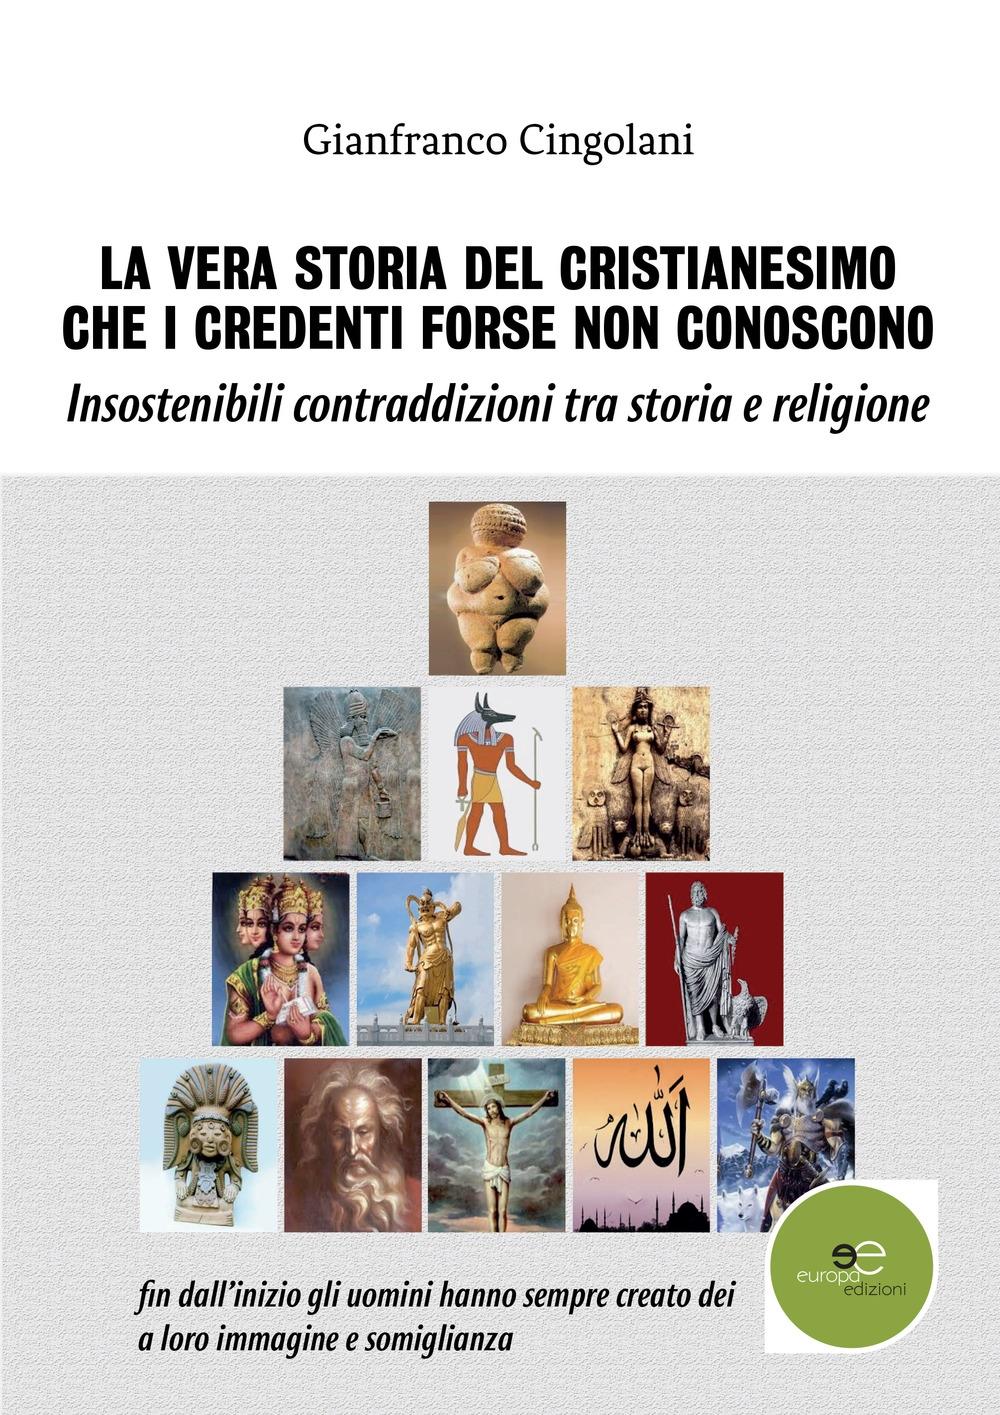 La vera storia del cristianesimo che i credenti forse non conoscono. Insostenibili contraddizioni tra storia e religione